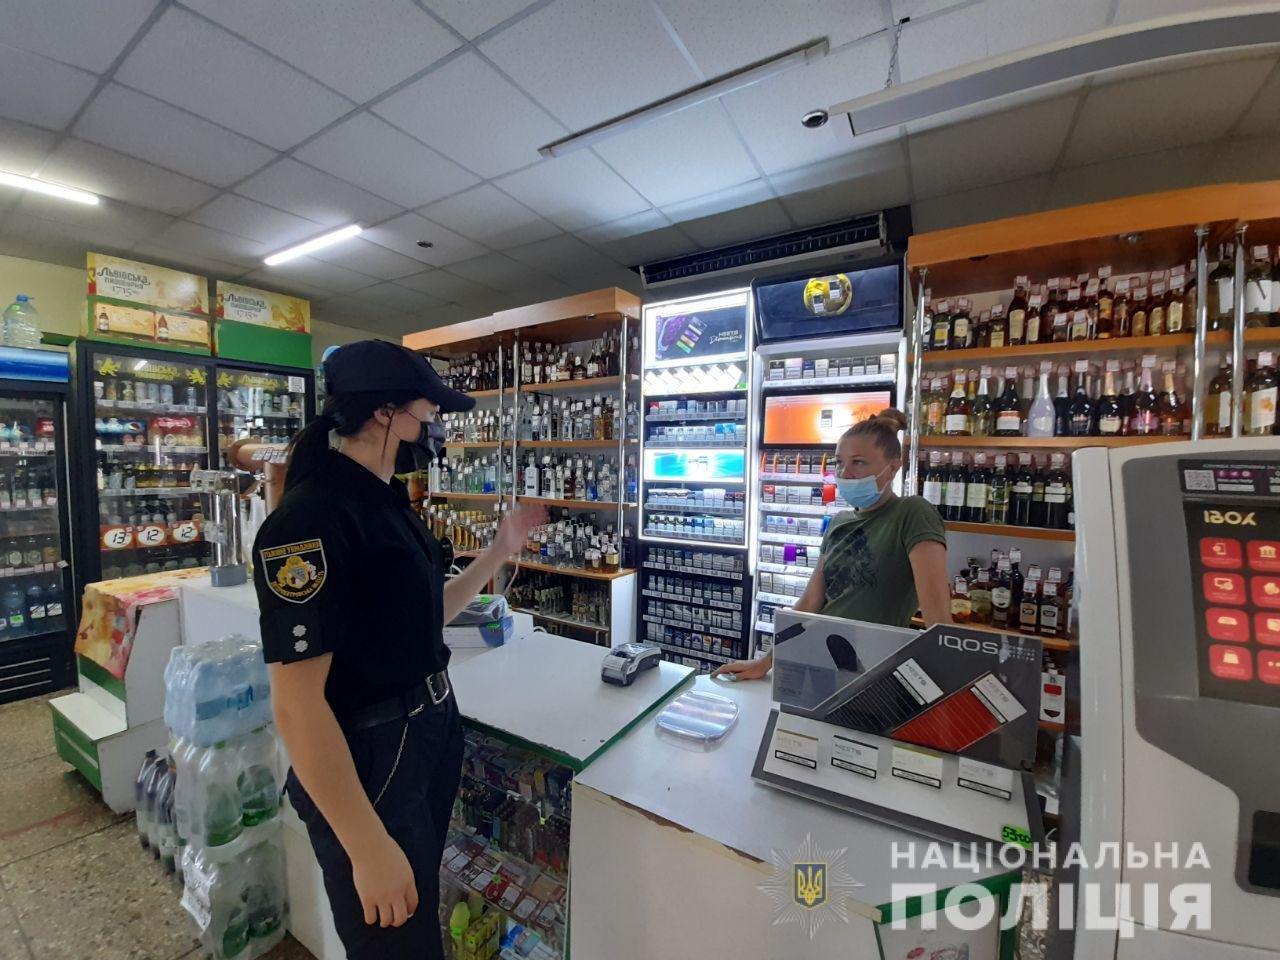 """Криворожские полицейские провели мероприятие под названием """"Ответственность начинается с меня"""", - ФОТО , фото-1"""